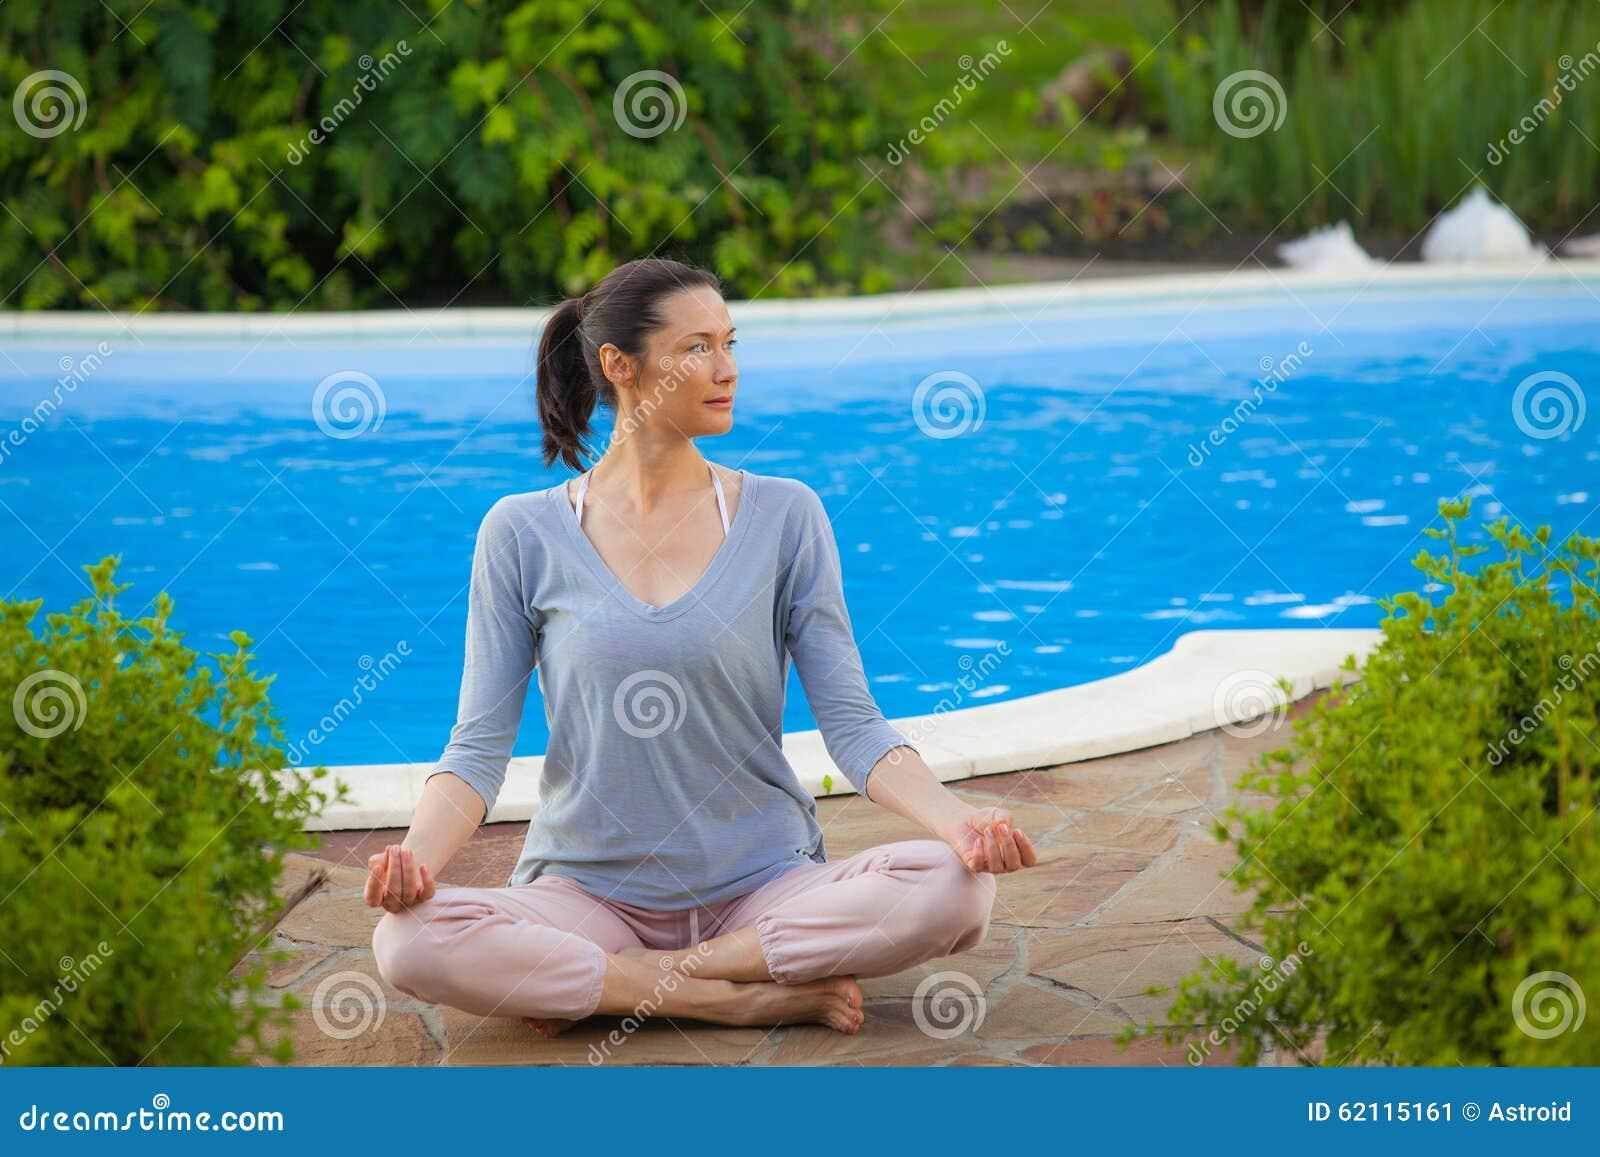 做瑜伽的美麗的婦女圖片